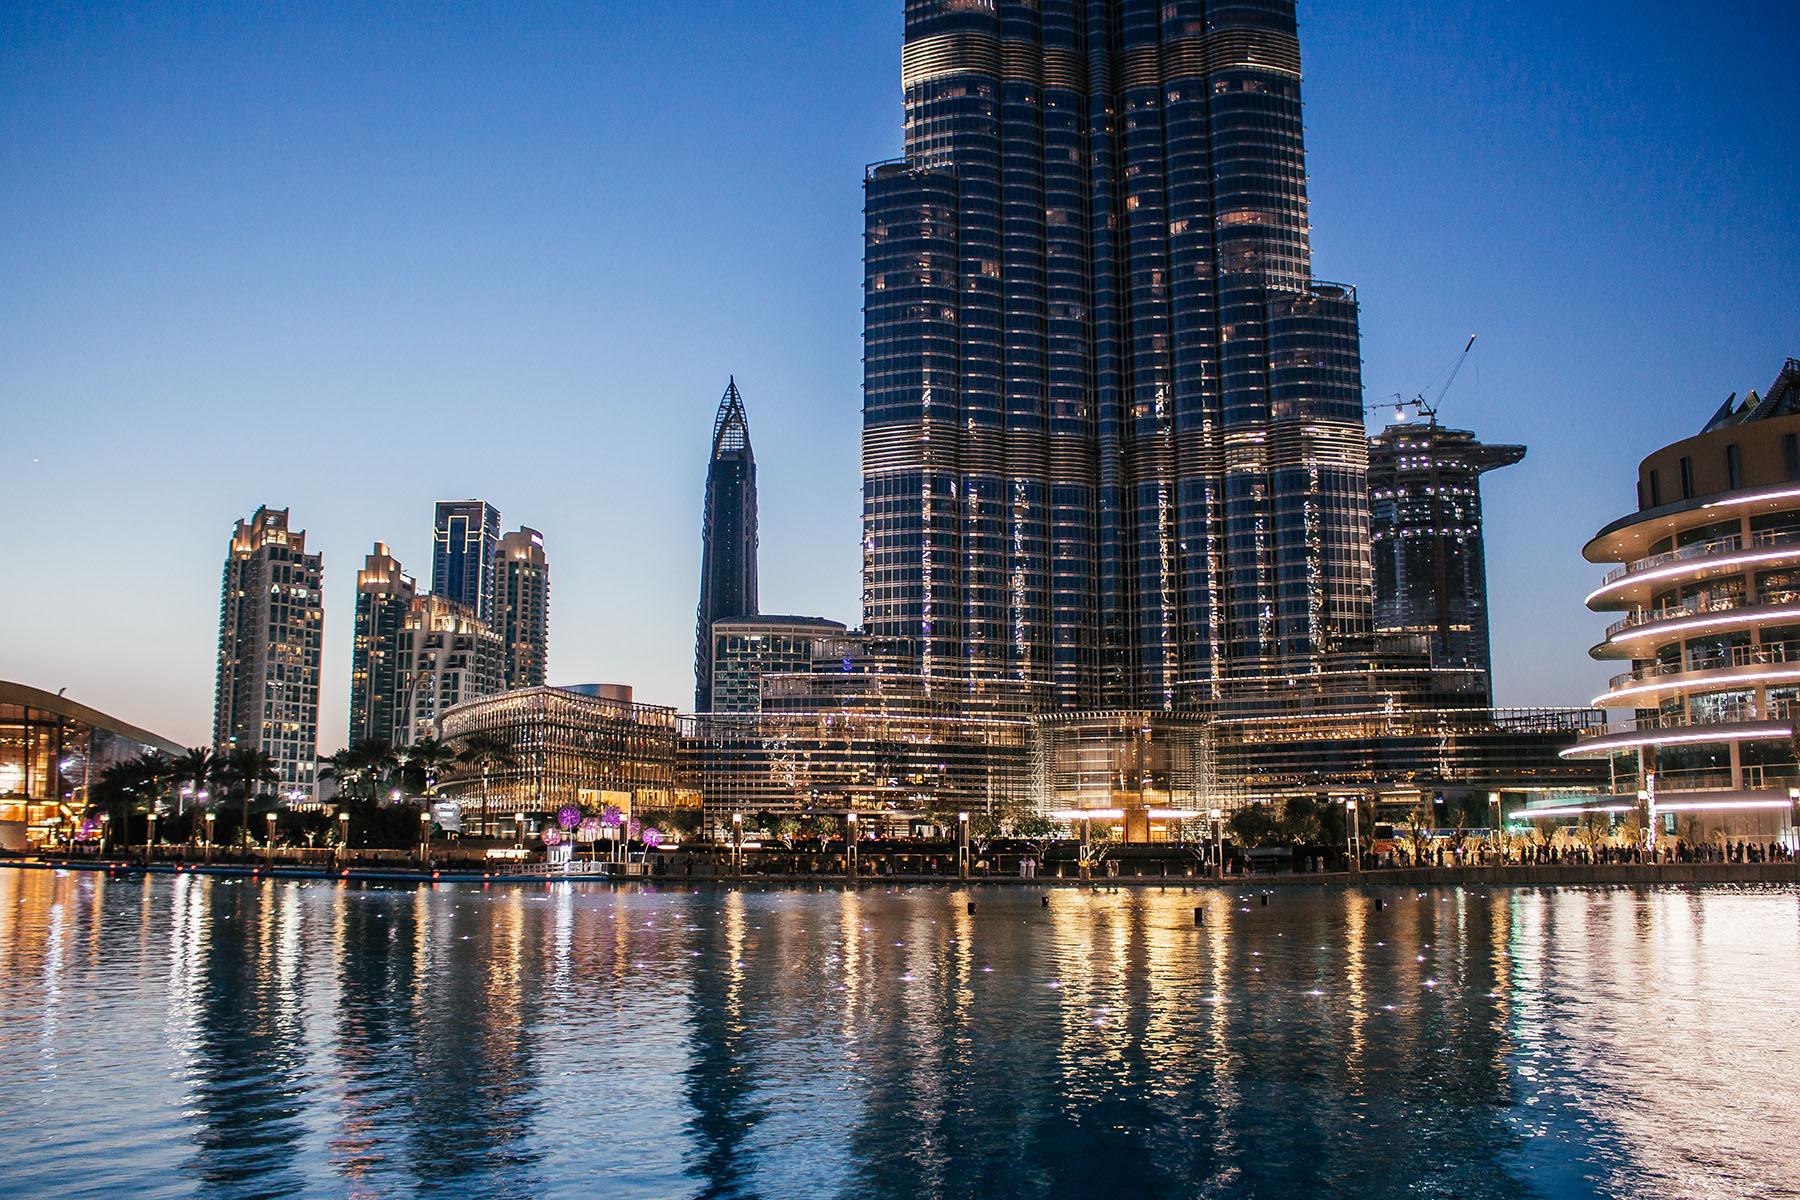 Orient Kreuzfahrt Dubai Fountain Burj Khalifa